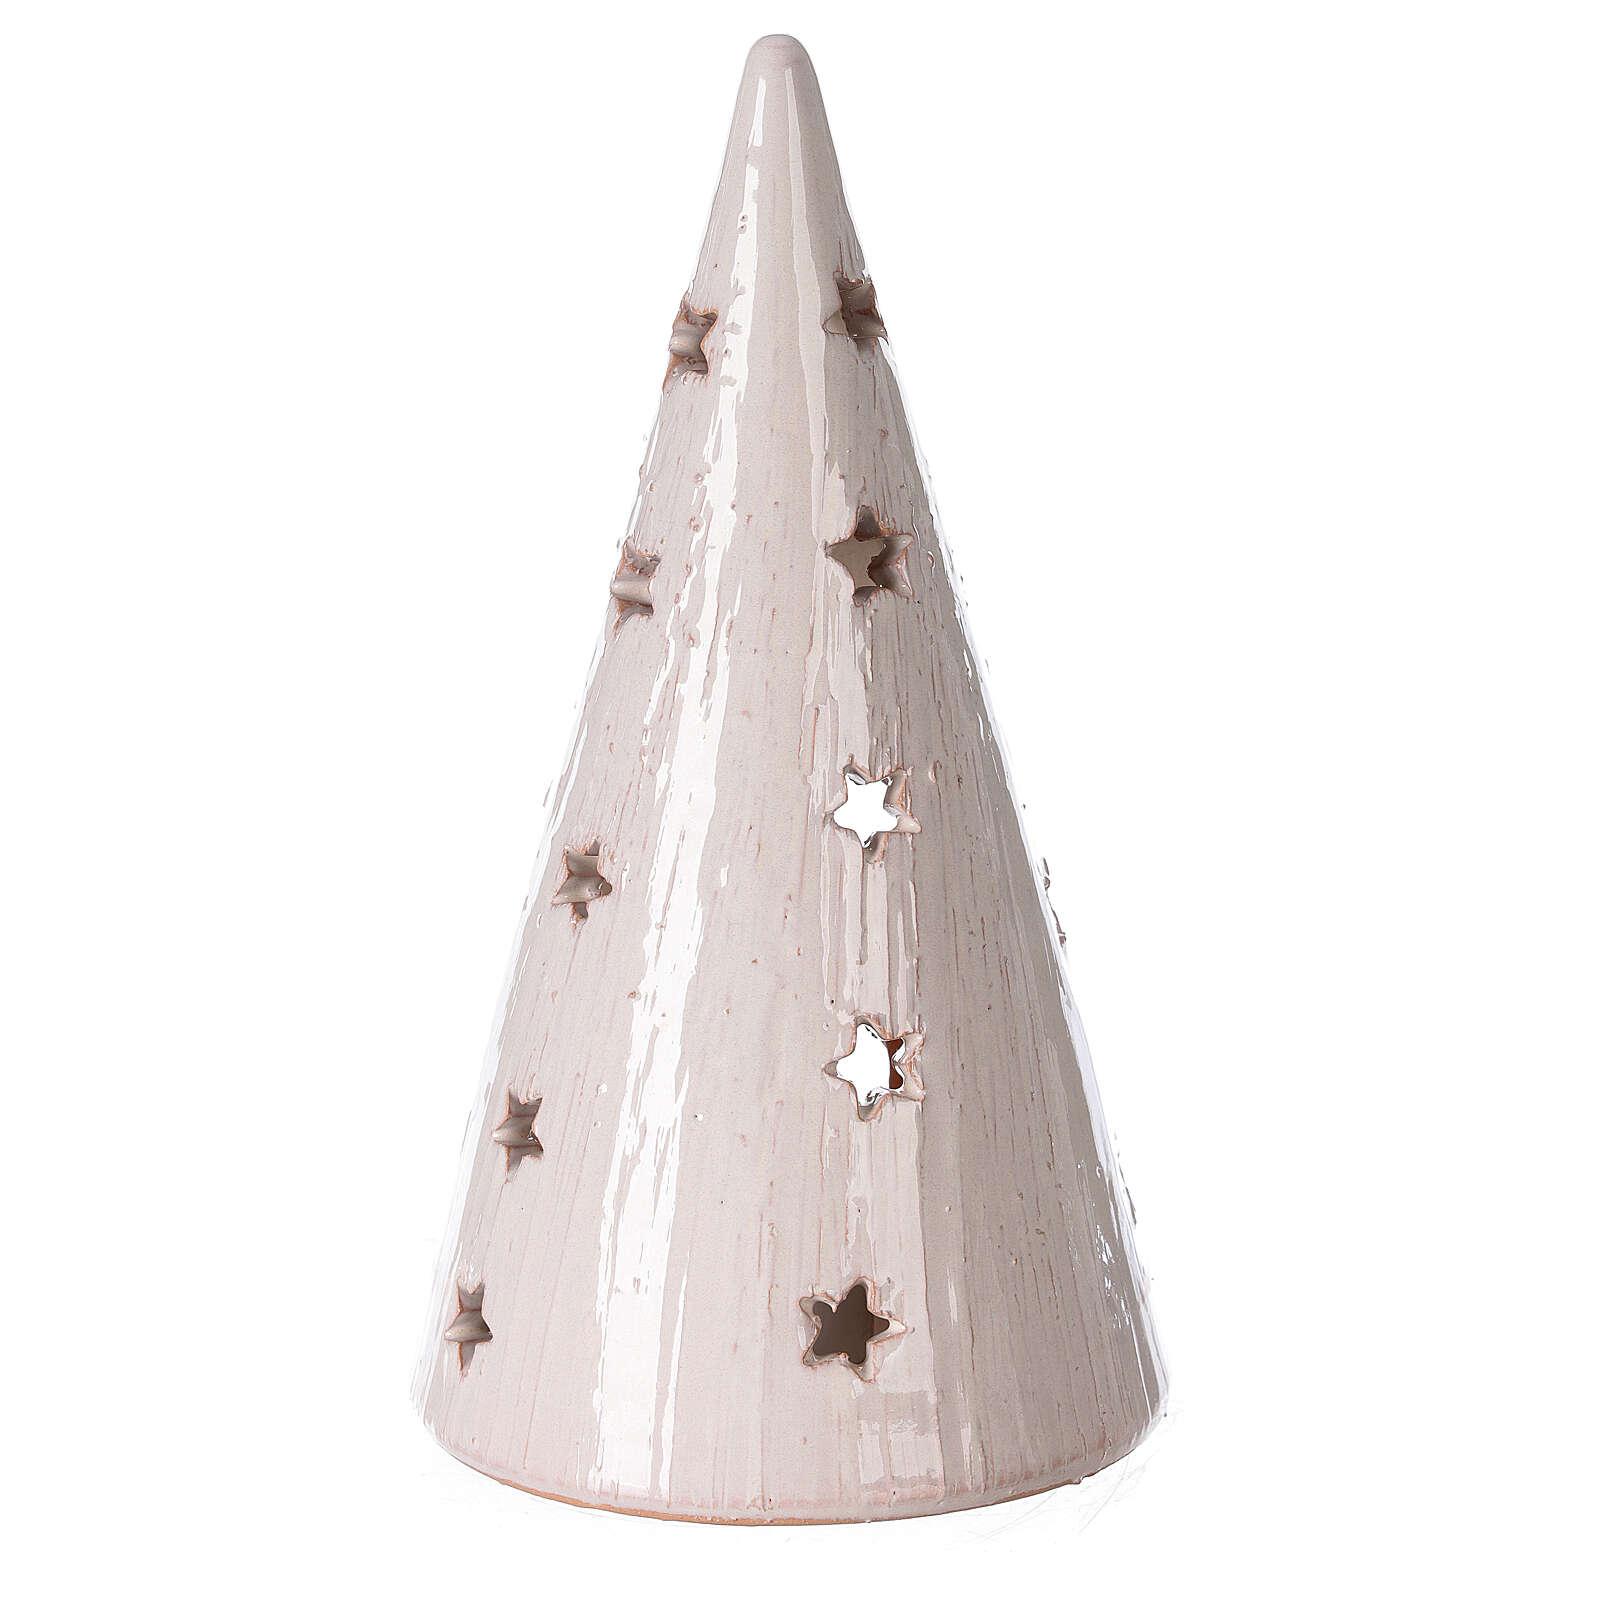 Natività lume cono bianco terracotta bicolore Deruta 20 cm 4